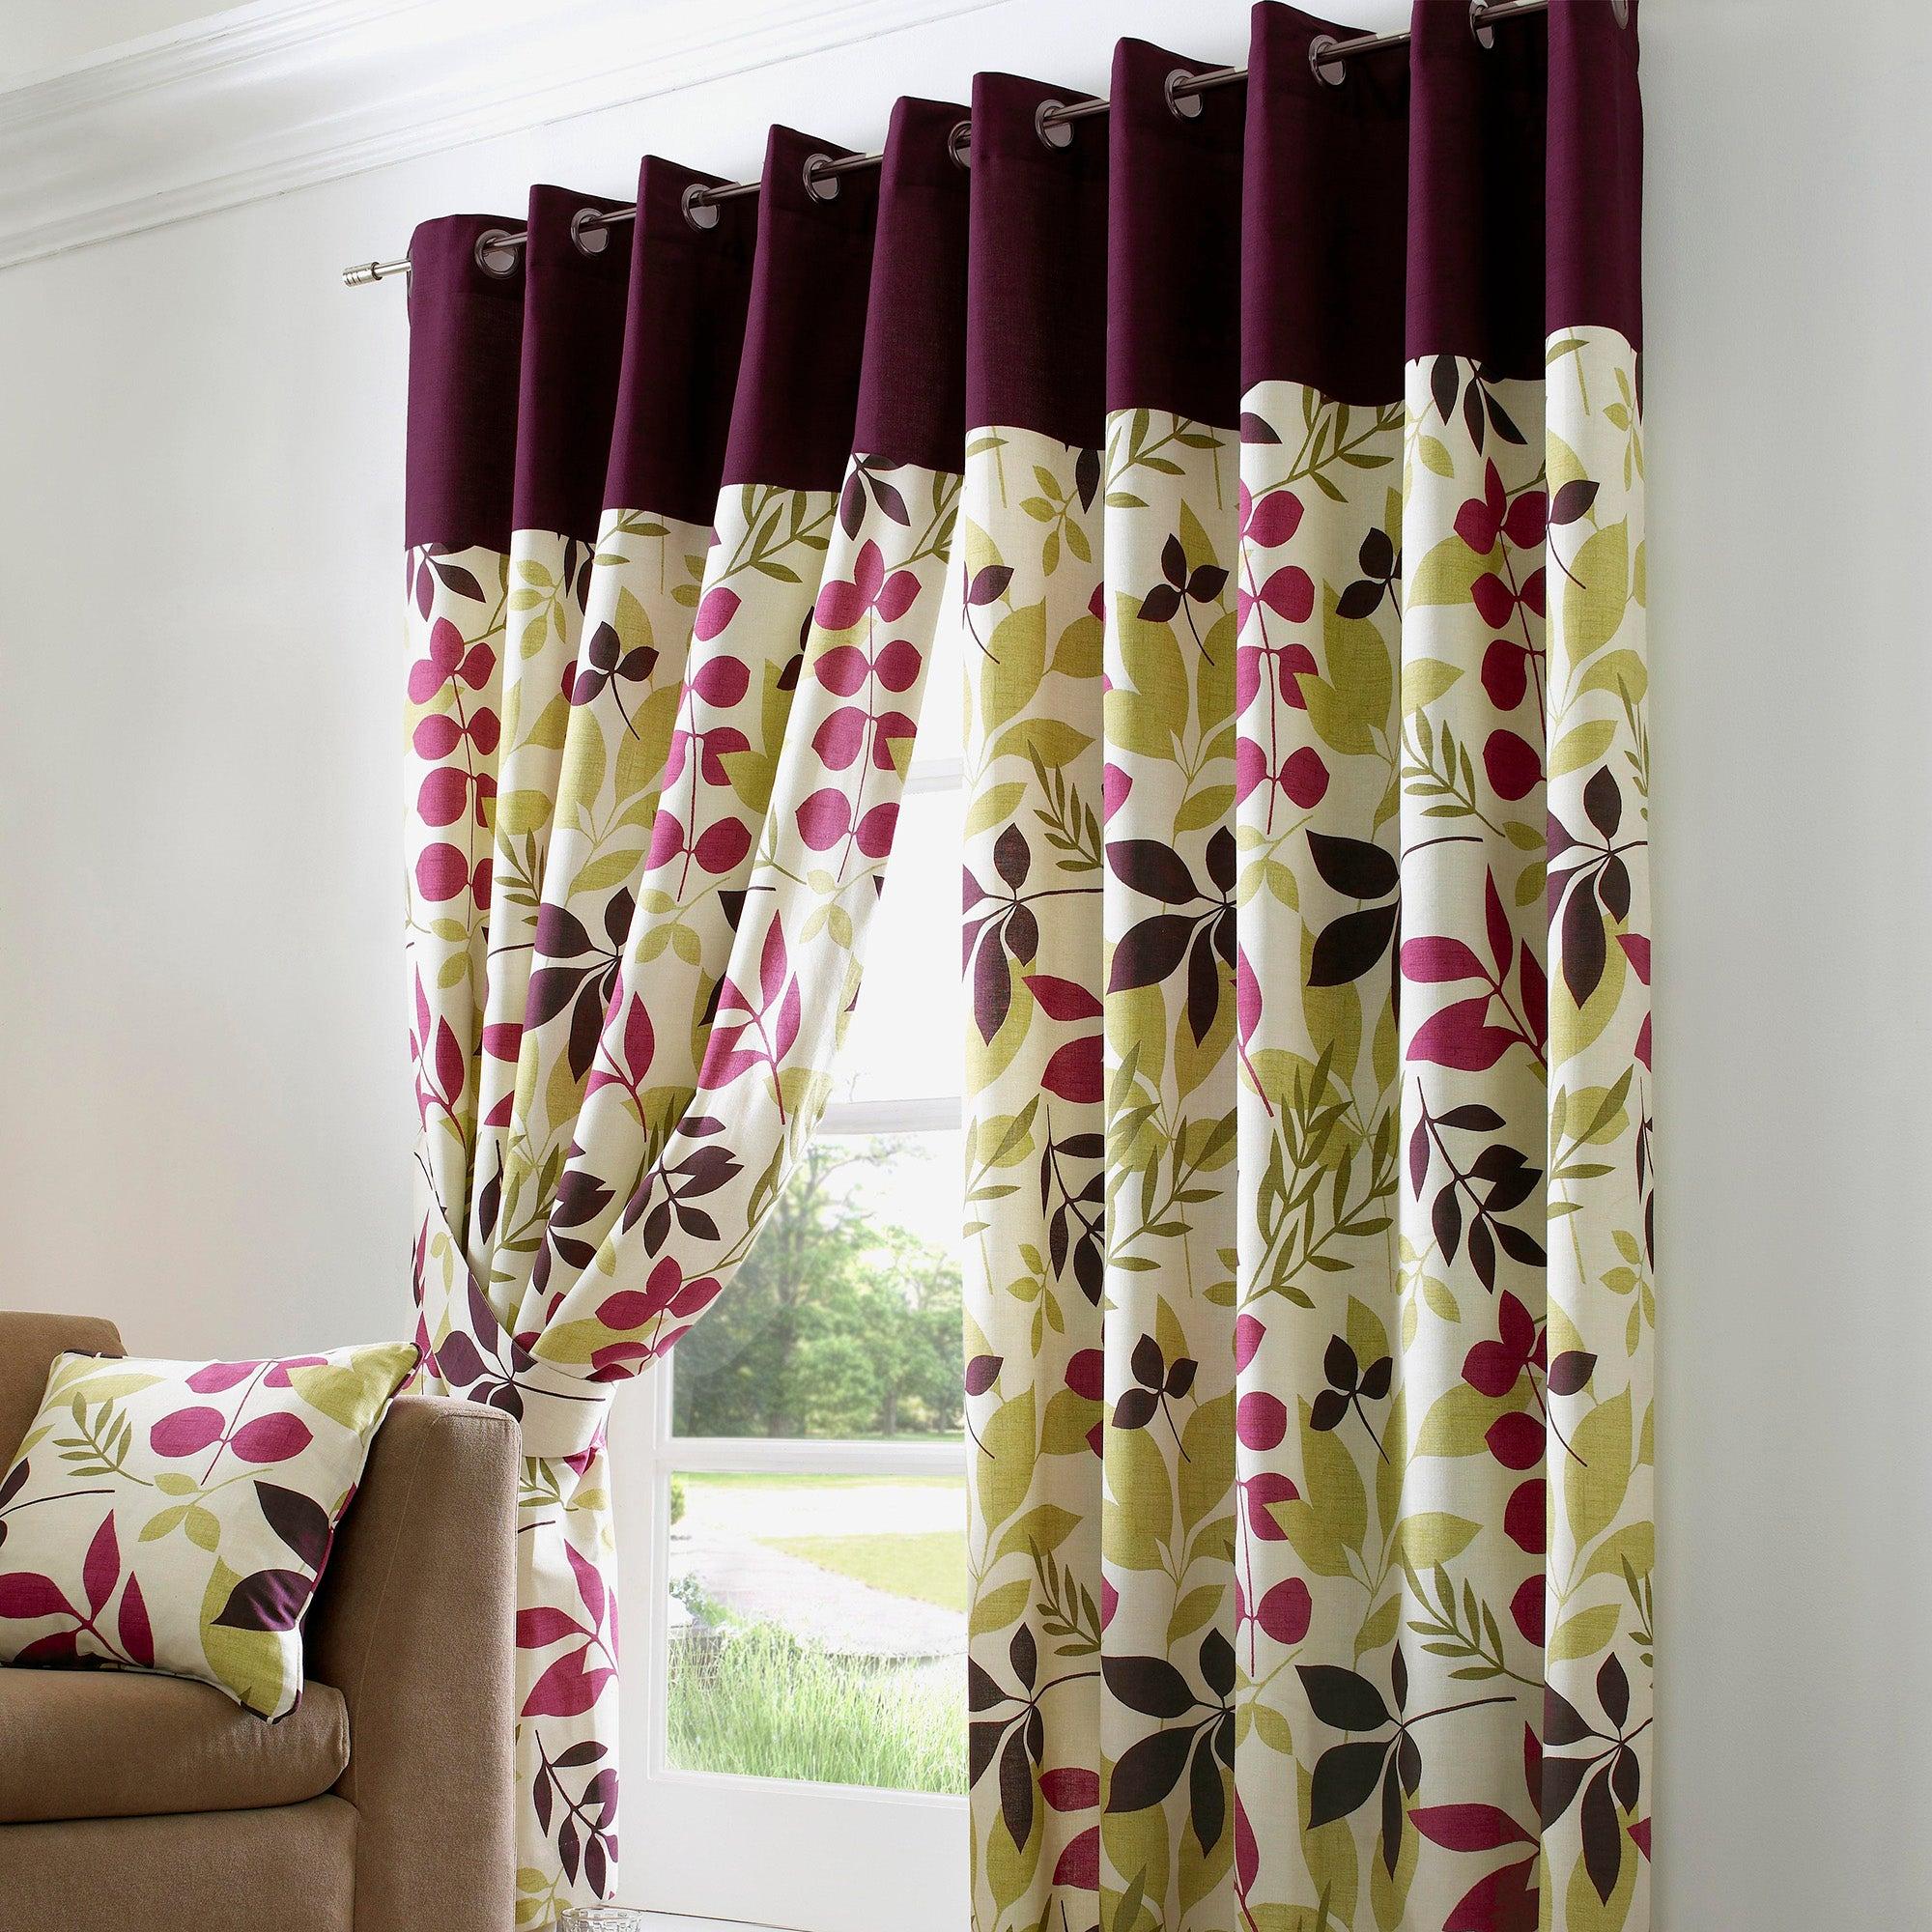 Plum Jakarta Lined Eyelet Curtains